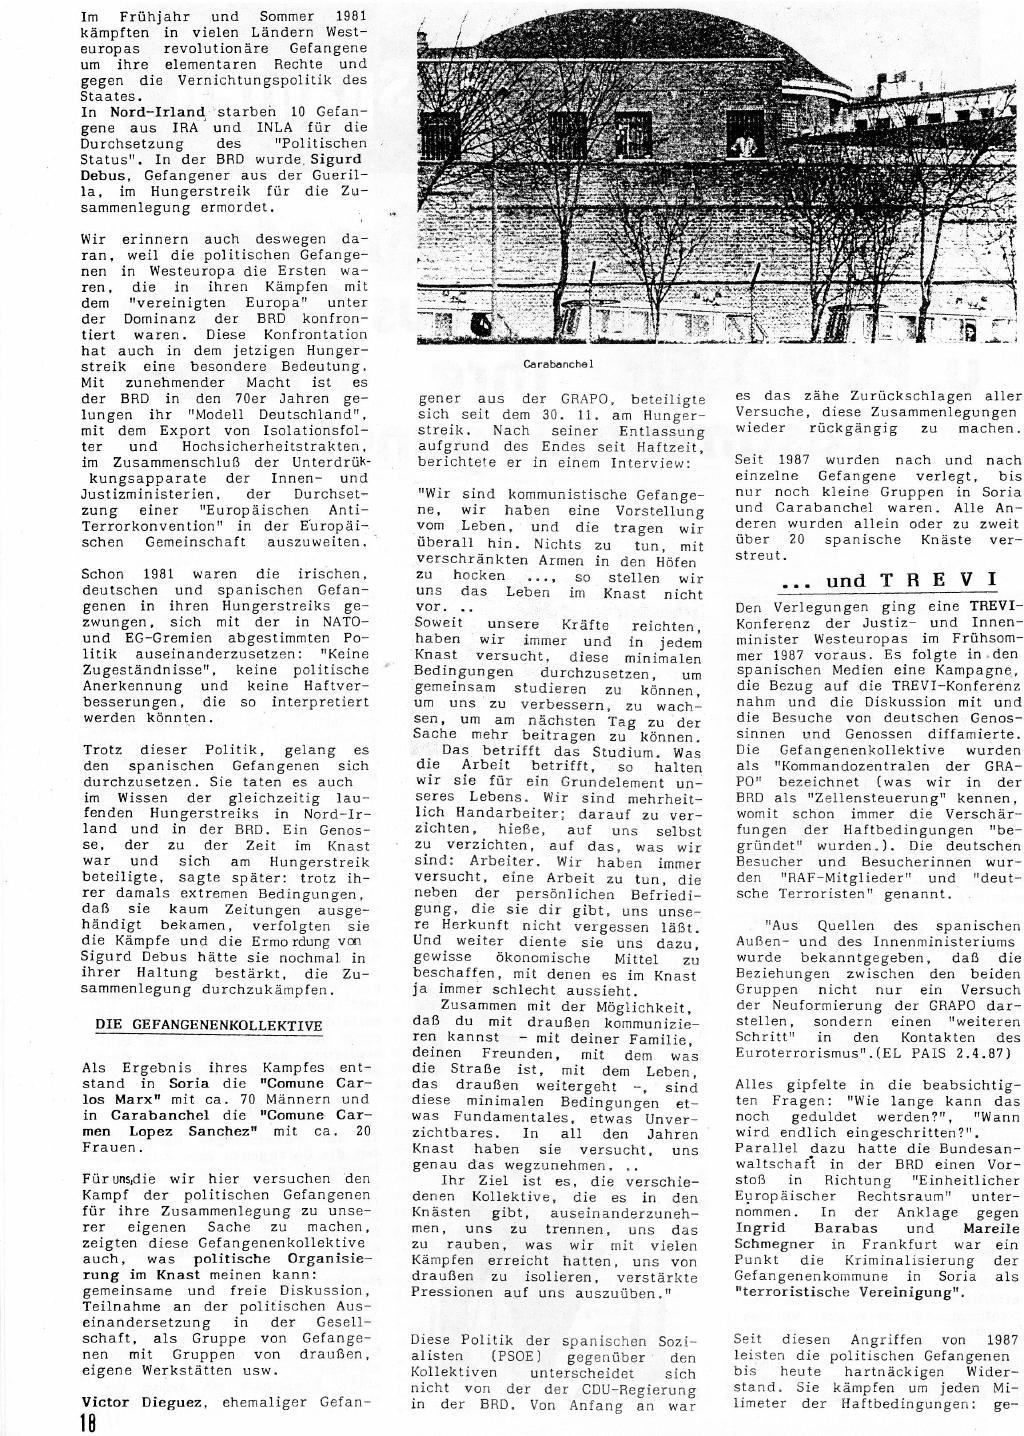 Frankfurt_Prozessinfo_Kein_Frieden_mit_den_Banken_1990_1_2_18